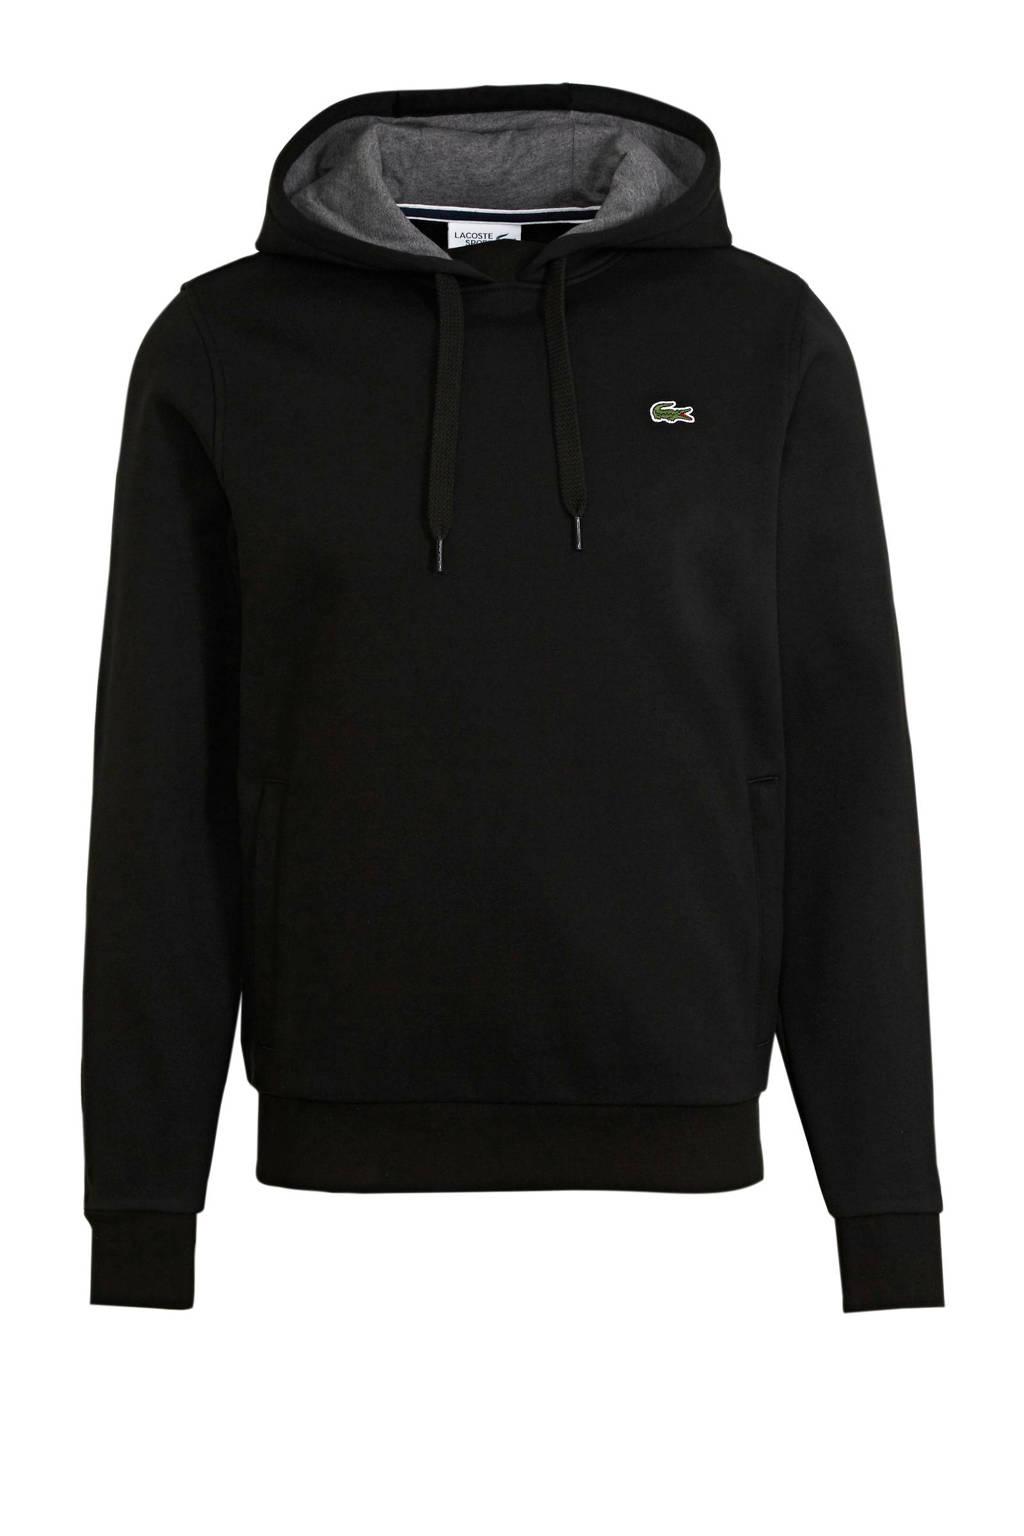 Lacoste   hoodie zwart, Zwart